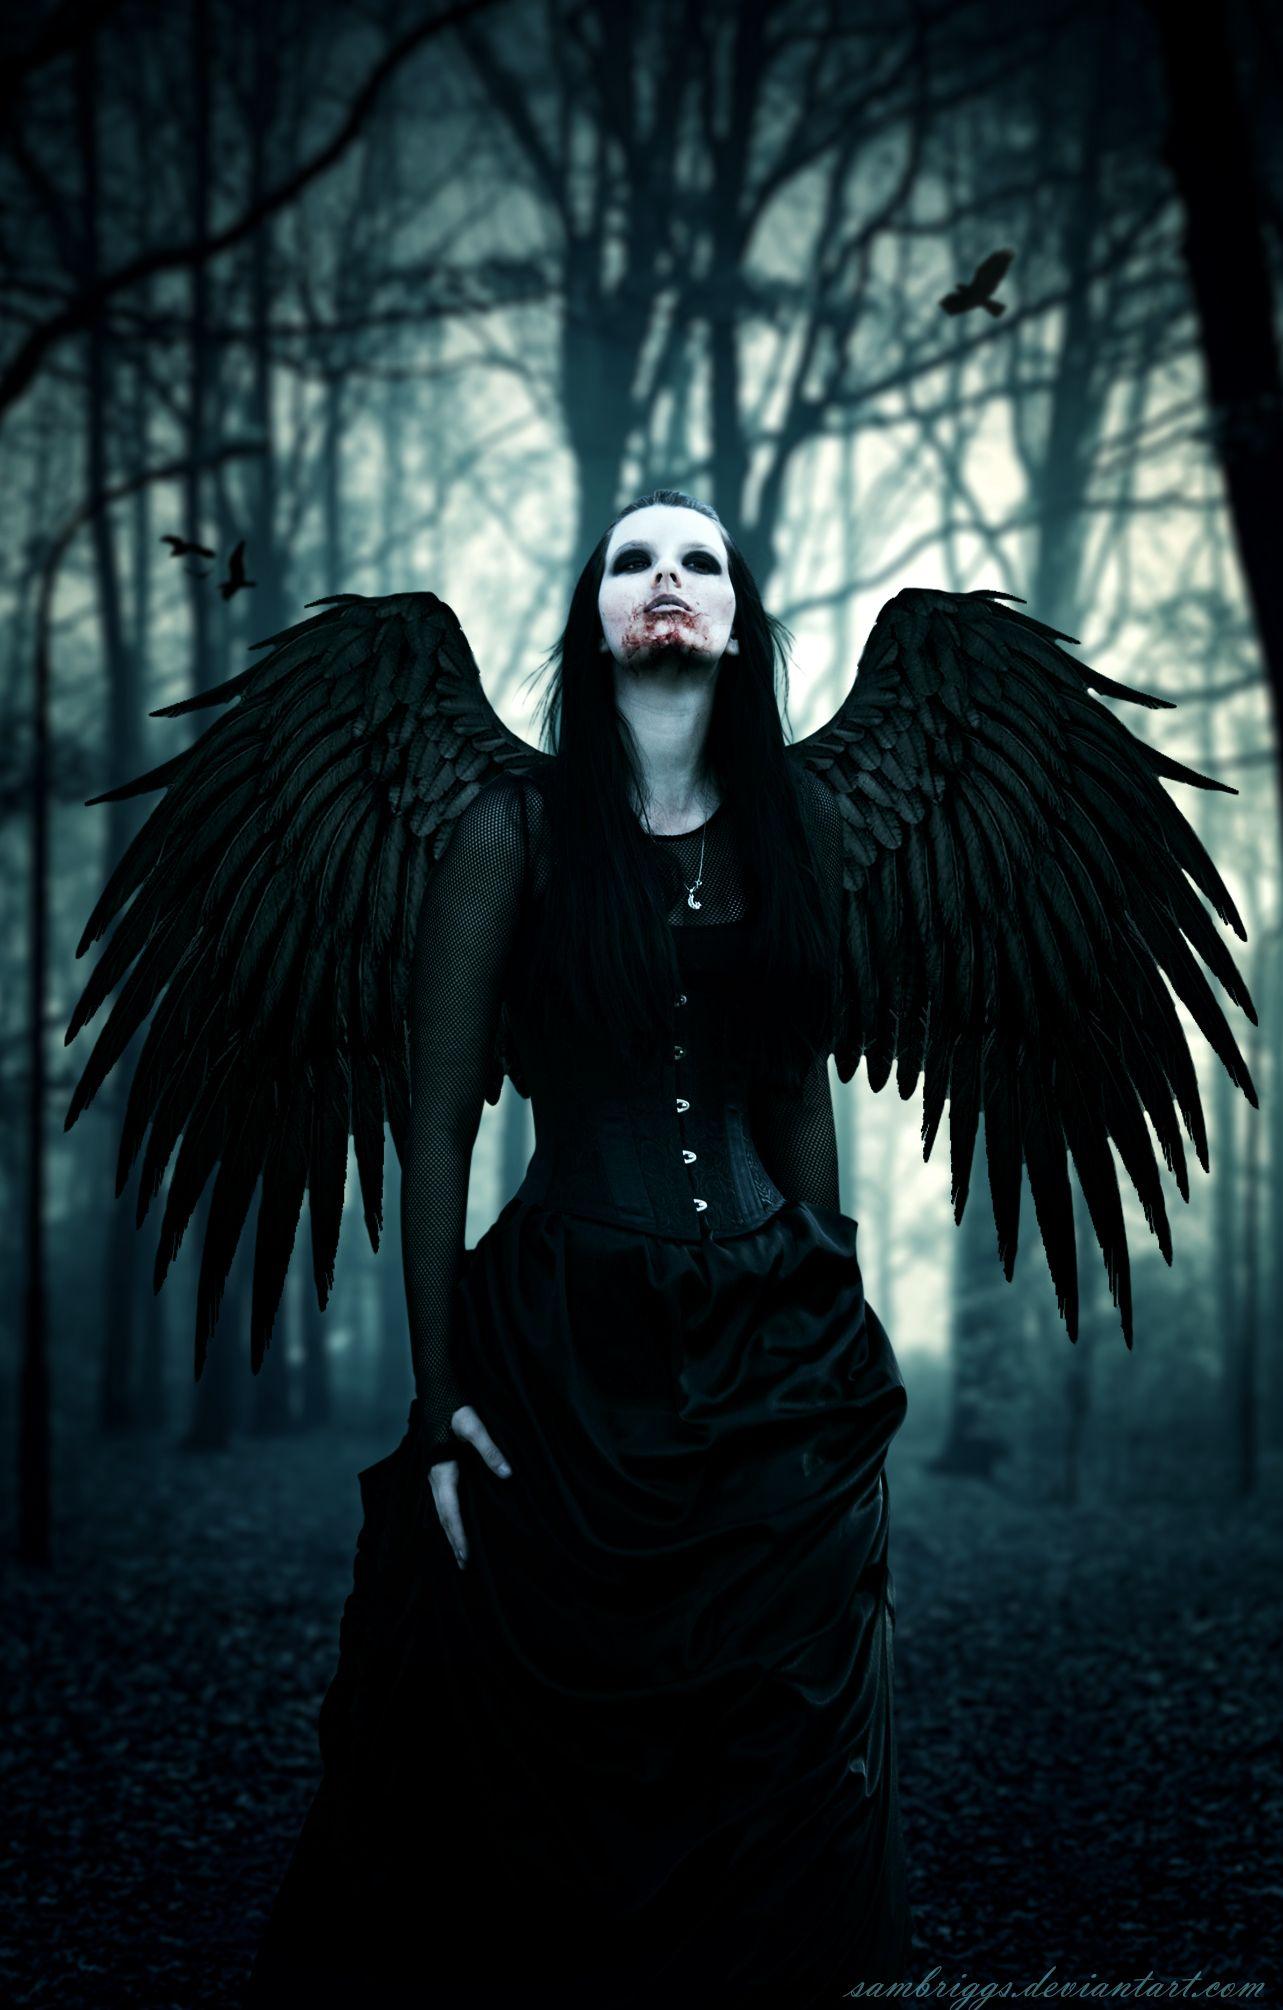 Angel Of Darkness Porn dark angel vinobiasambriggs.deviantart on